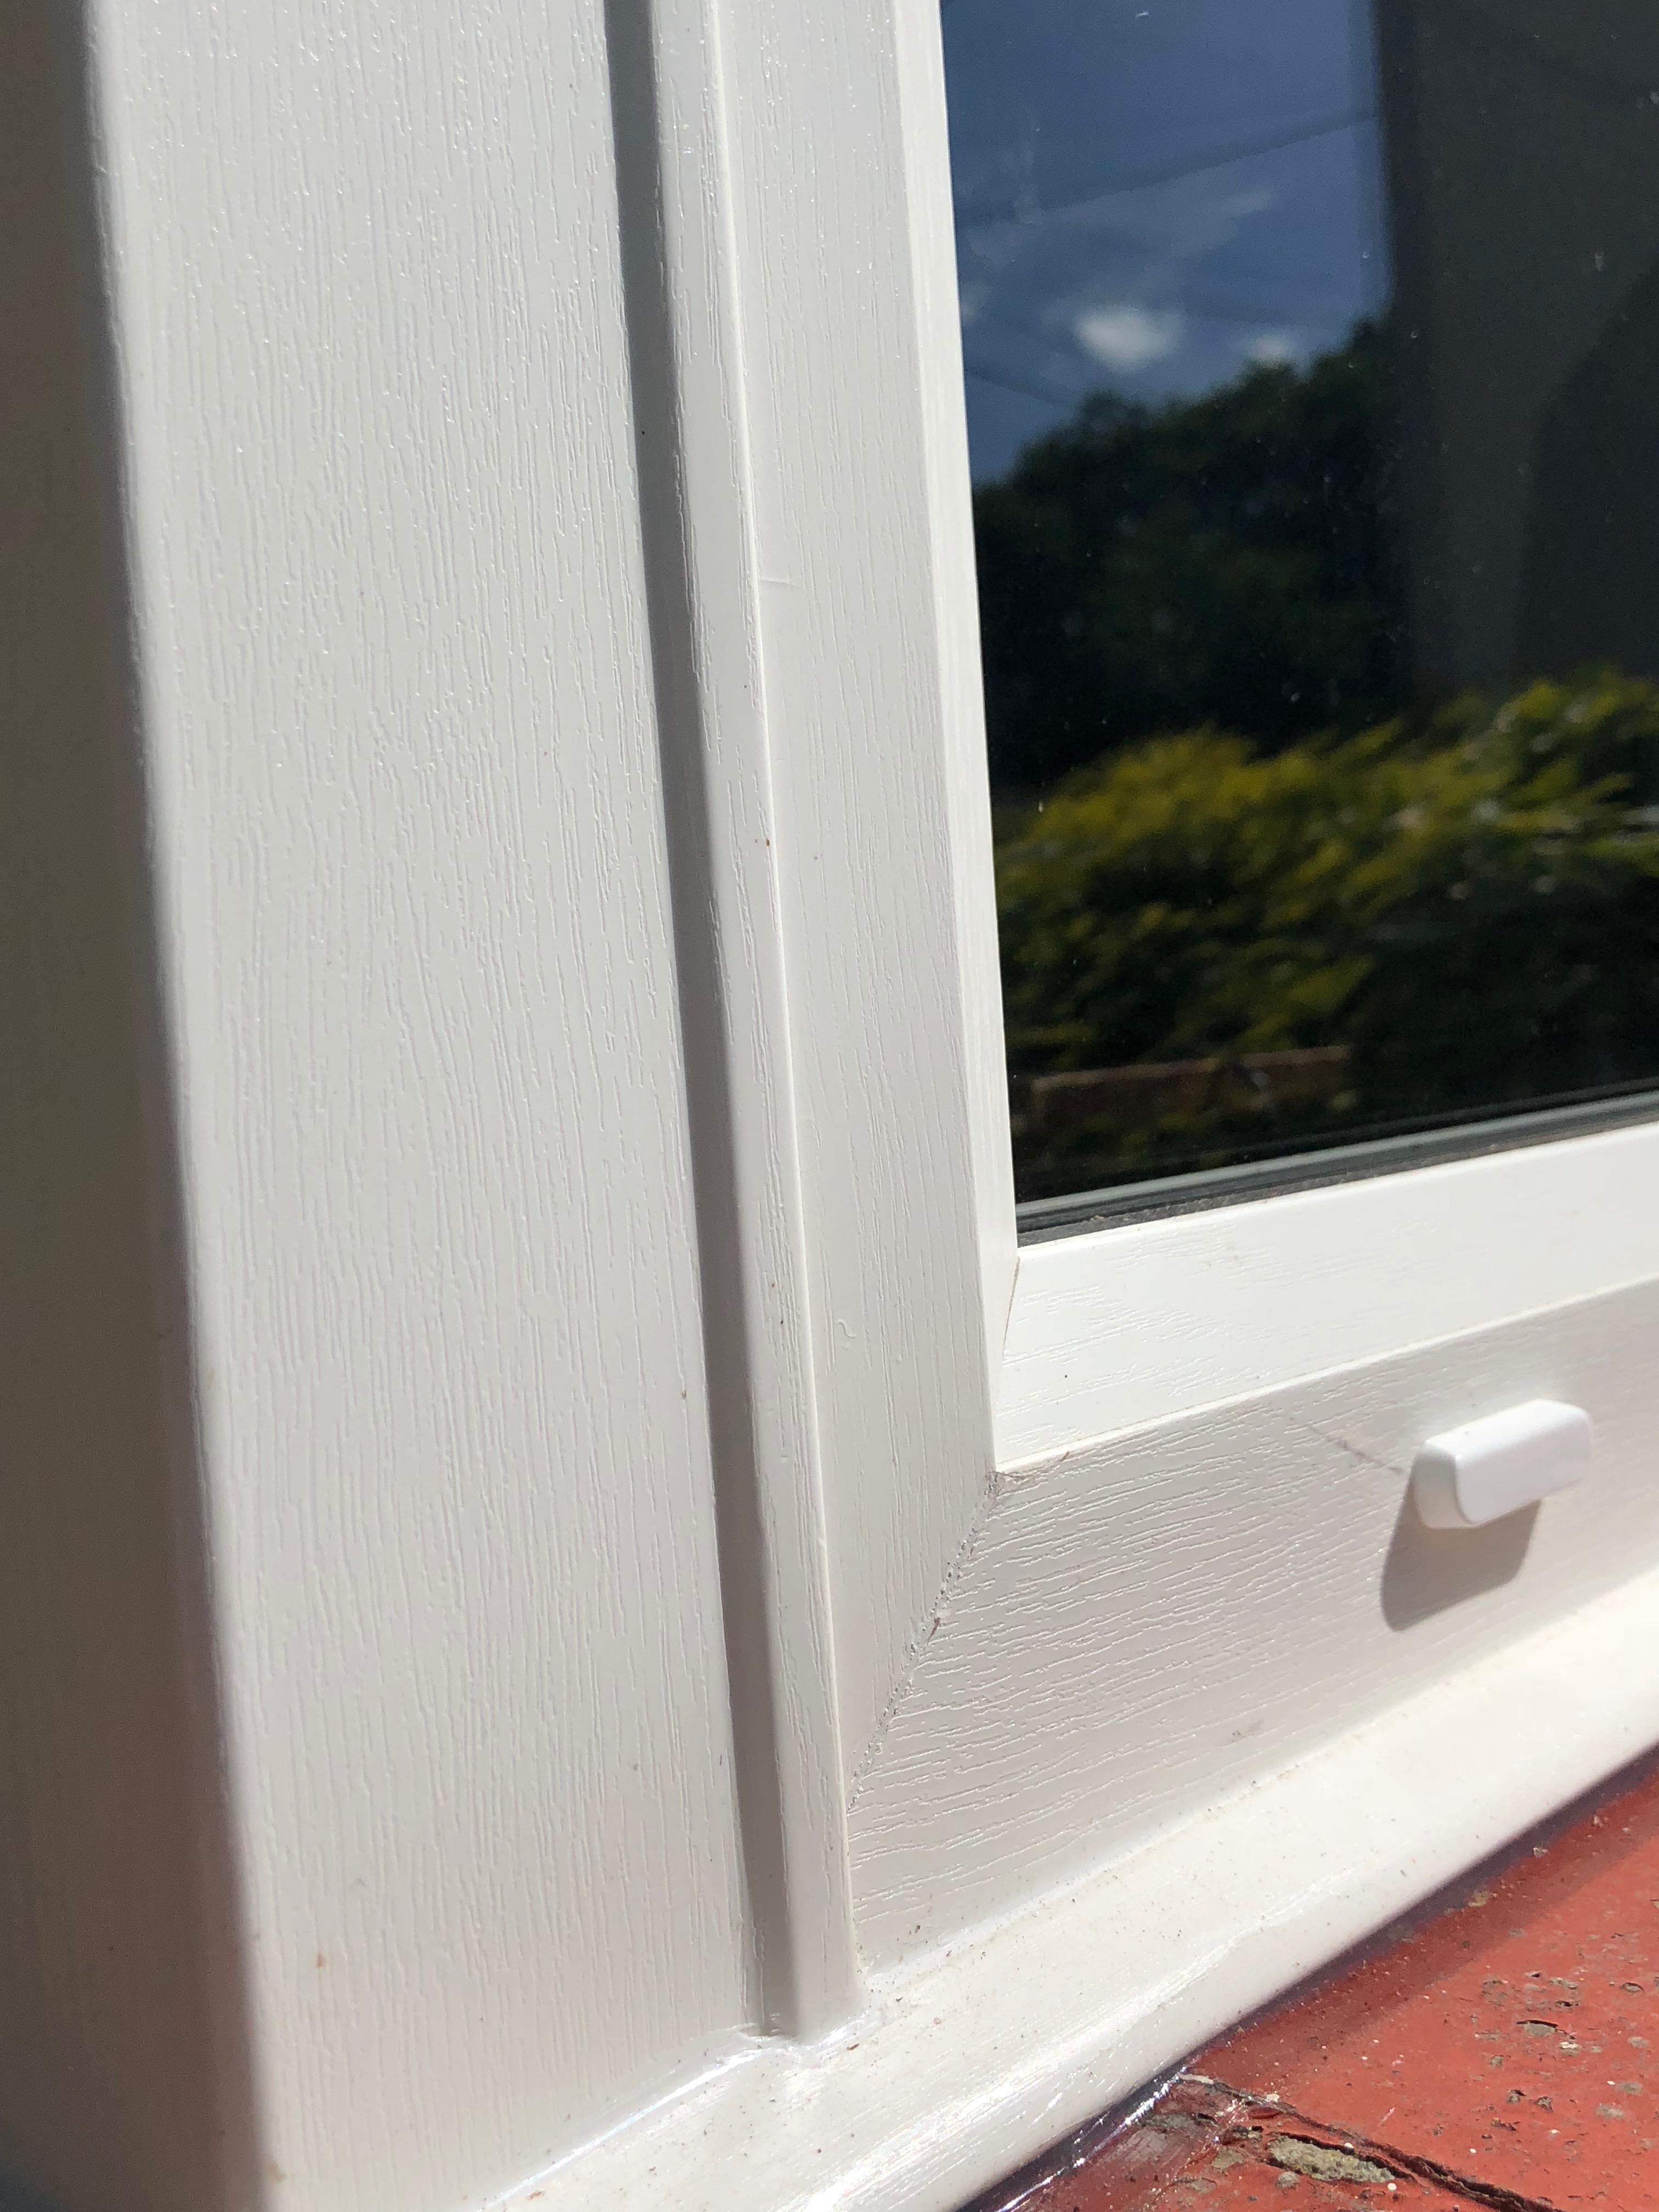 White woodgrain window